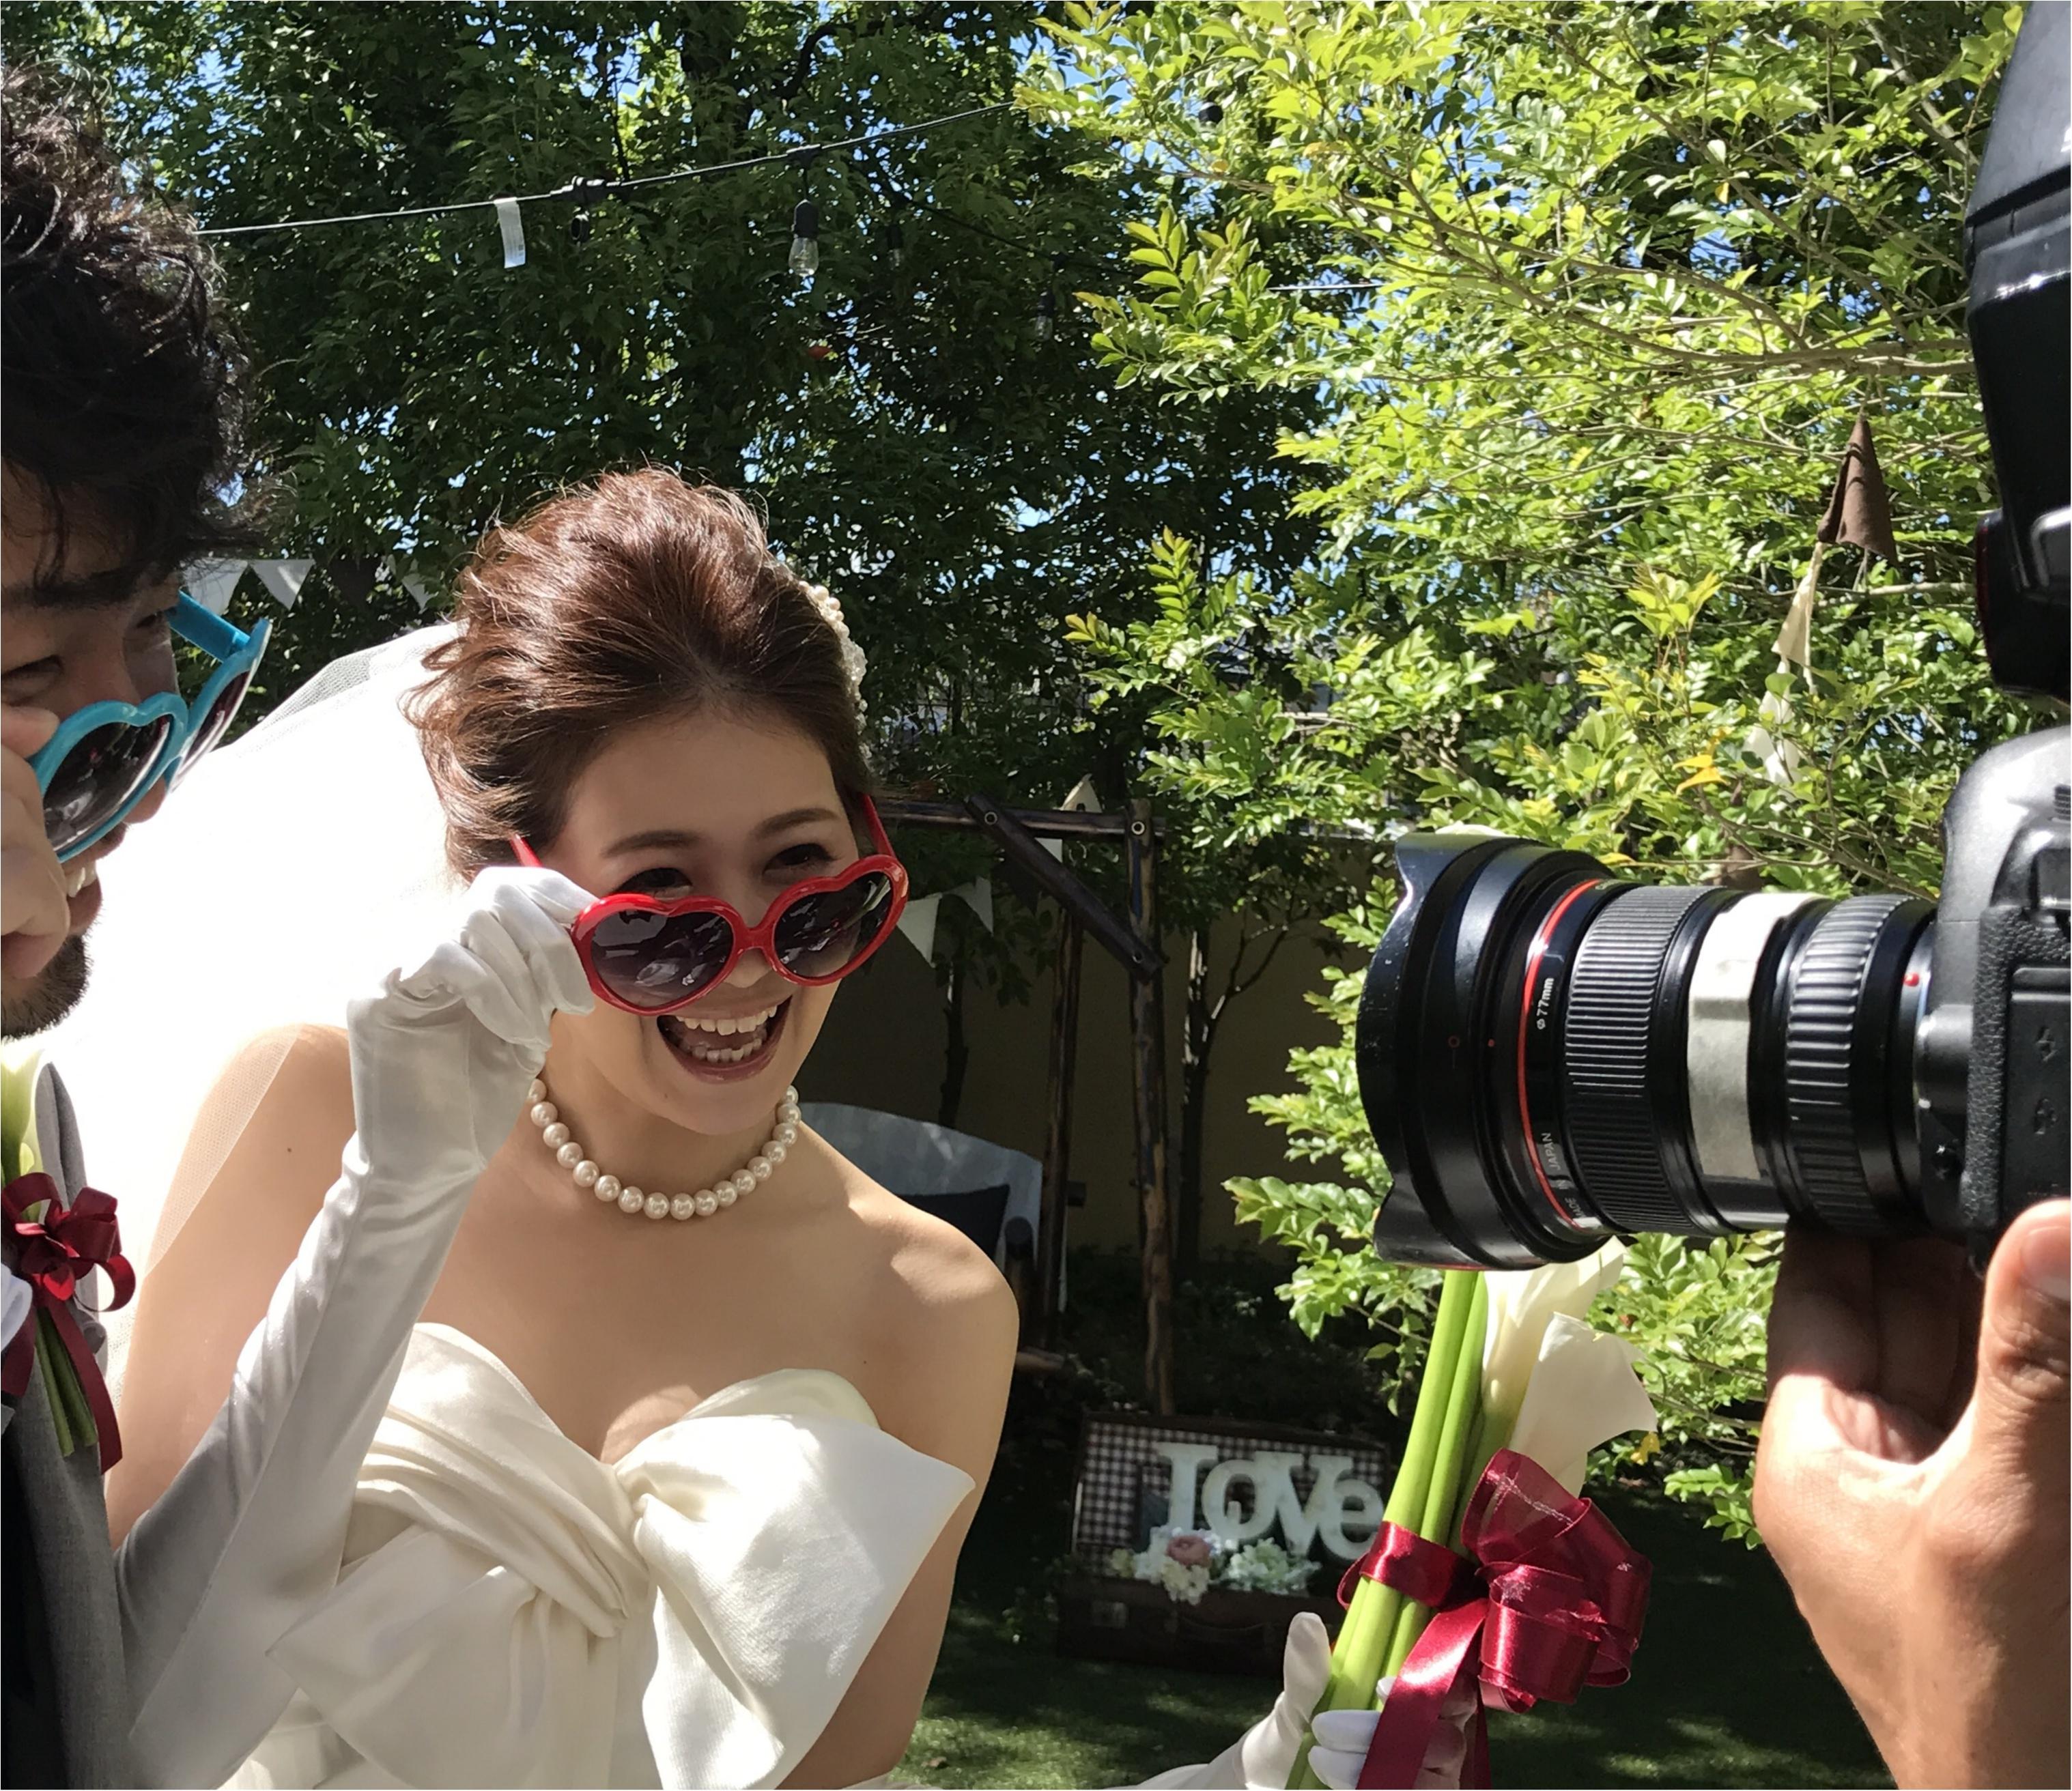 【ウェディング】結婚式のオフショット!式の裏側ではバタバタ〜!_2